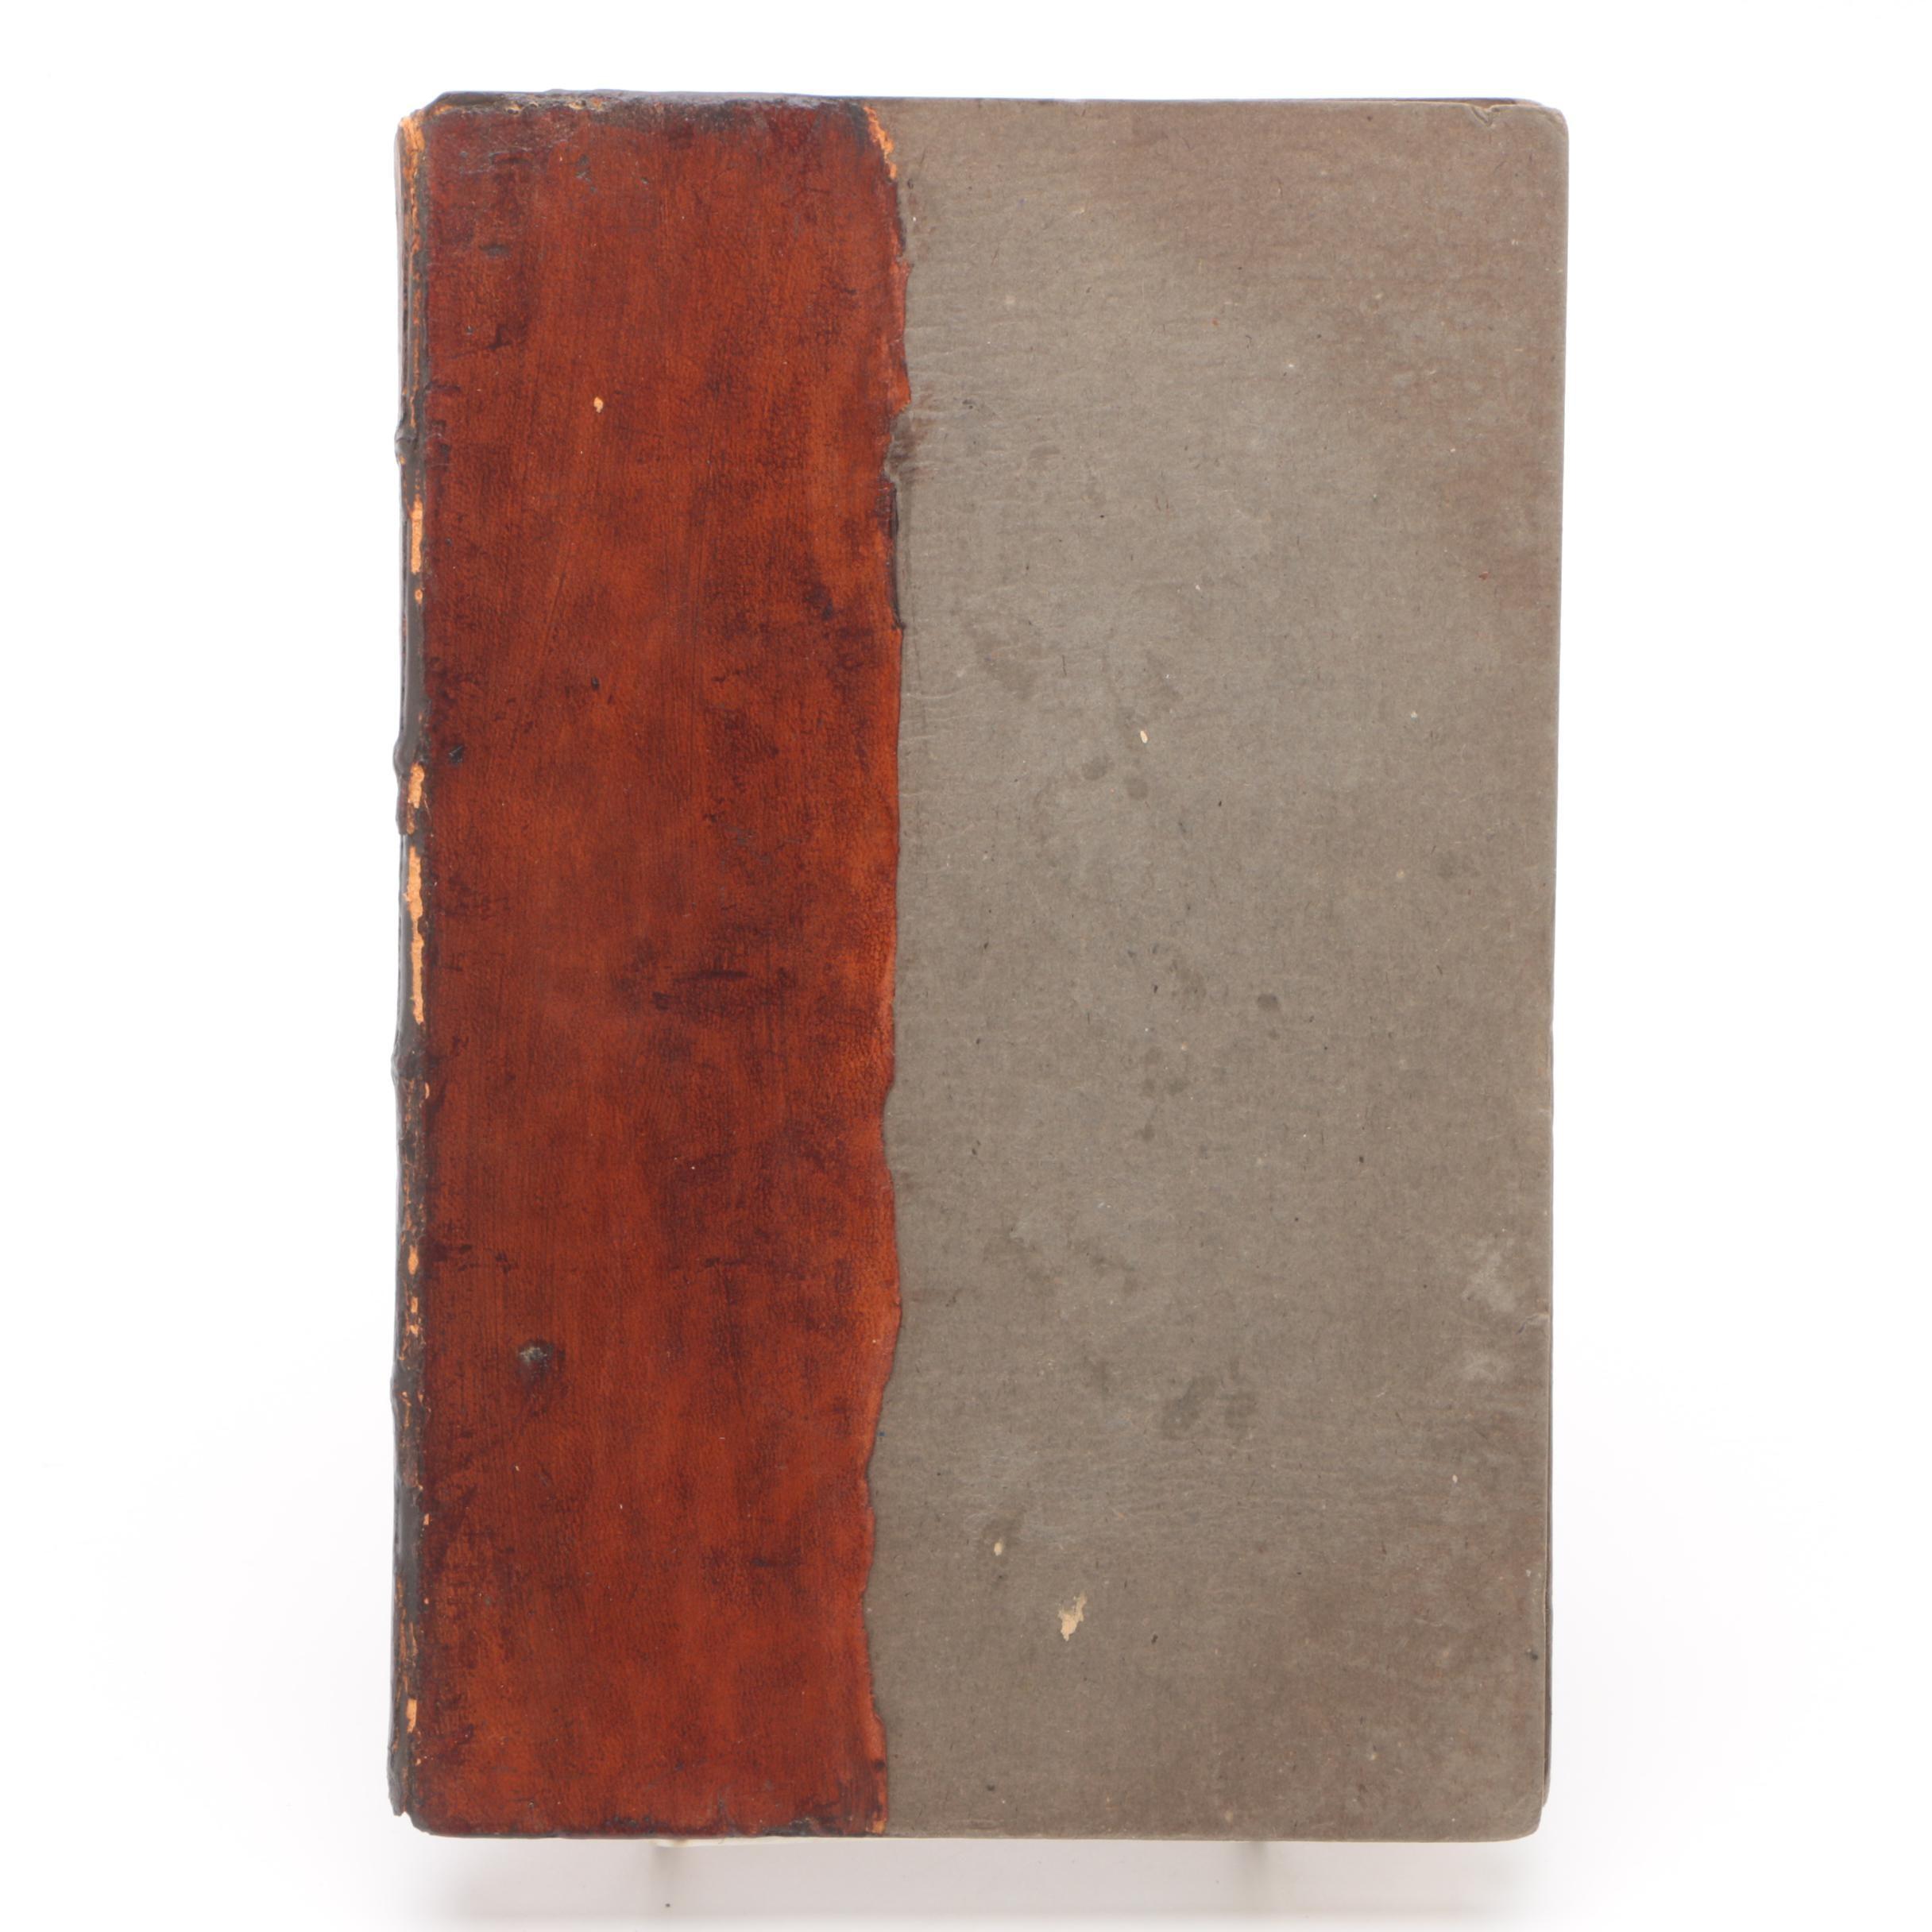 """1912 """"L'Équation de Fredholm"""" by H.B. Heywood and M. Fréchet"""